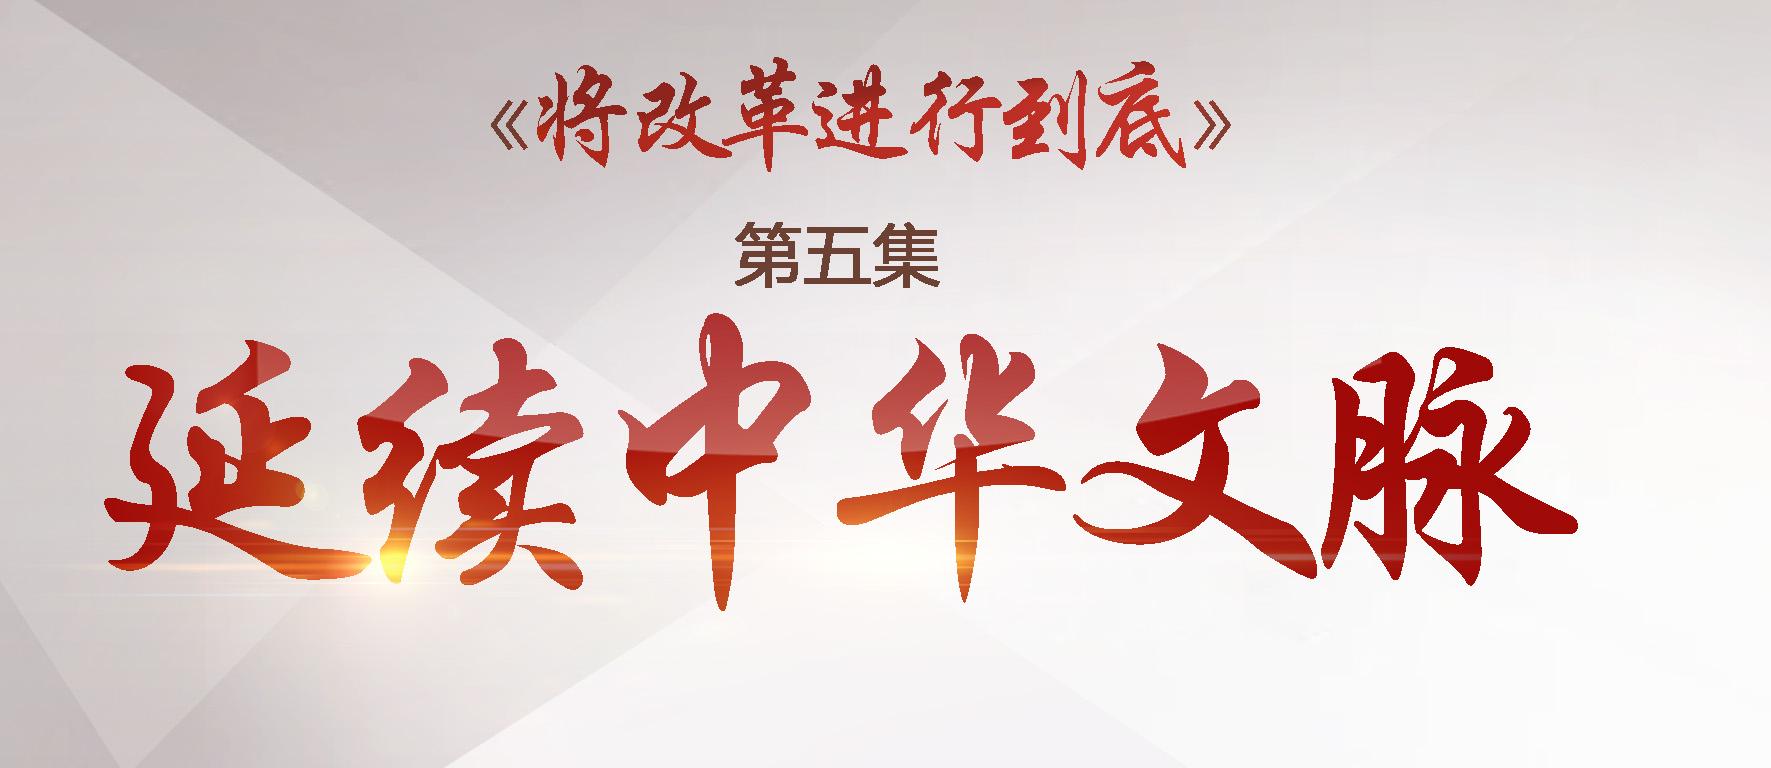 将改革进行到底:延续中华文脉